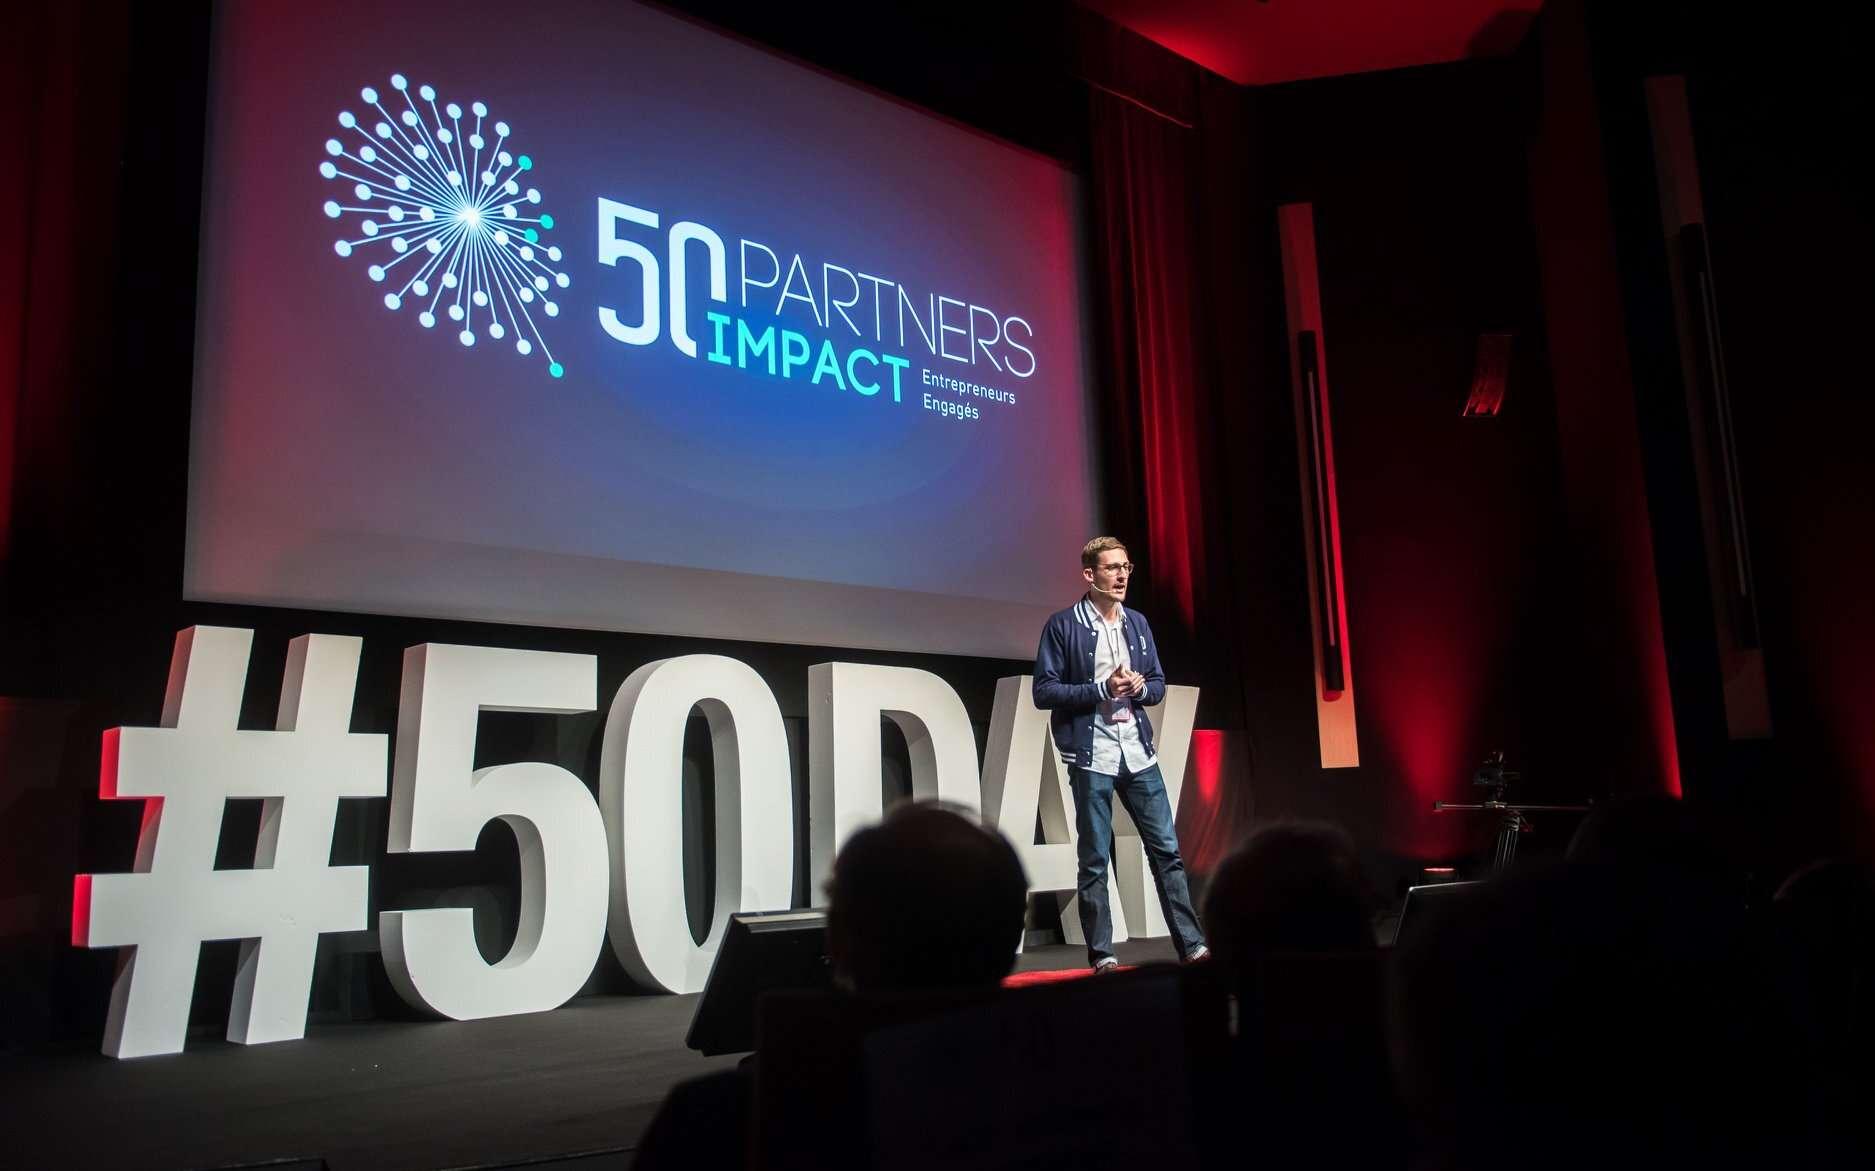 50 Partners Impact propose à des entrepreneurs du conseil et de l'accompagnement sur le passage à l'échelle de leur projet. © 50 Partners Impact